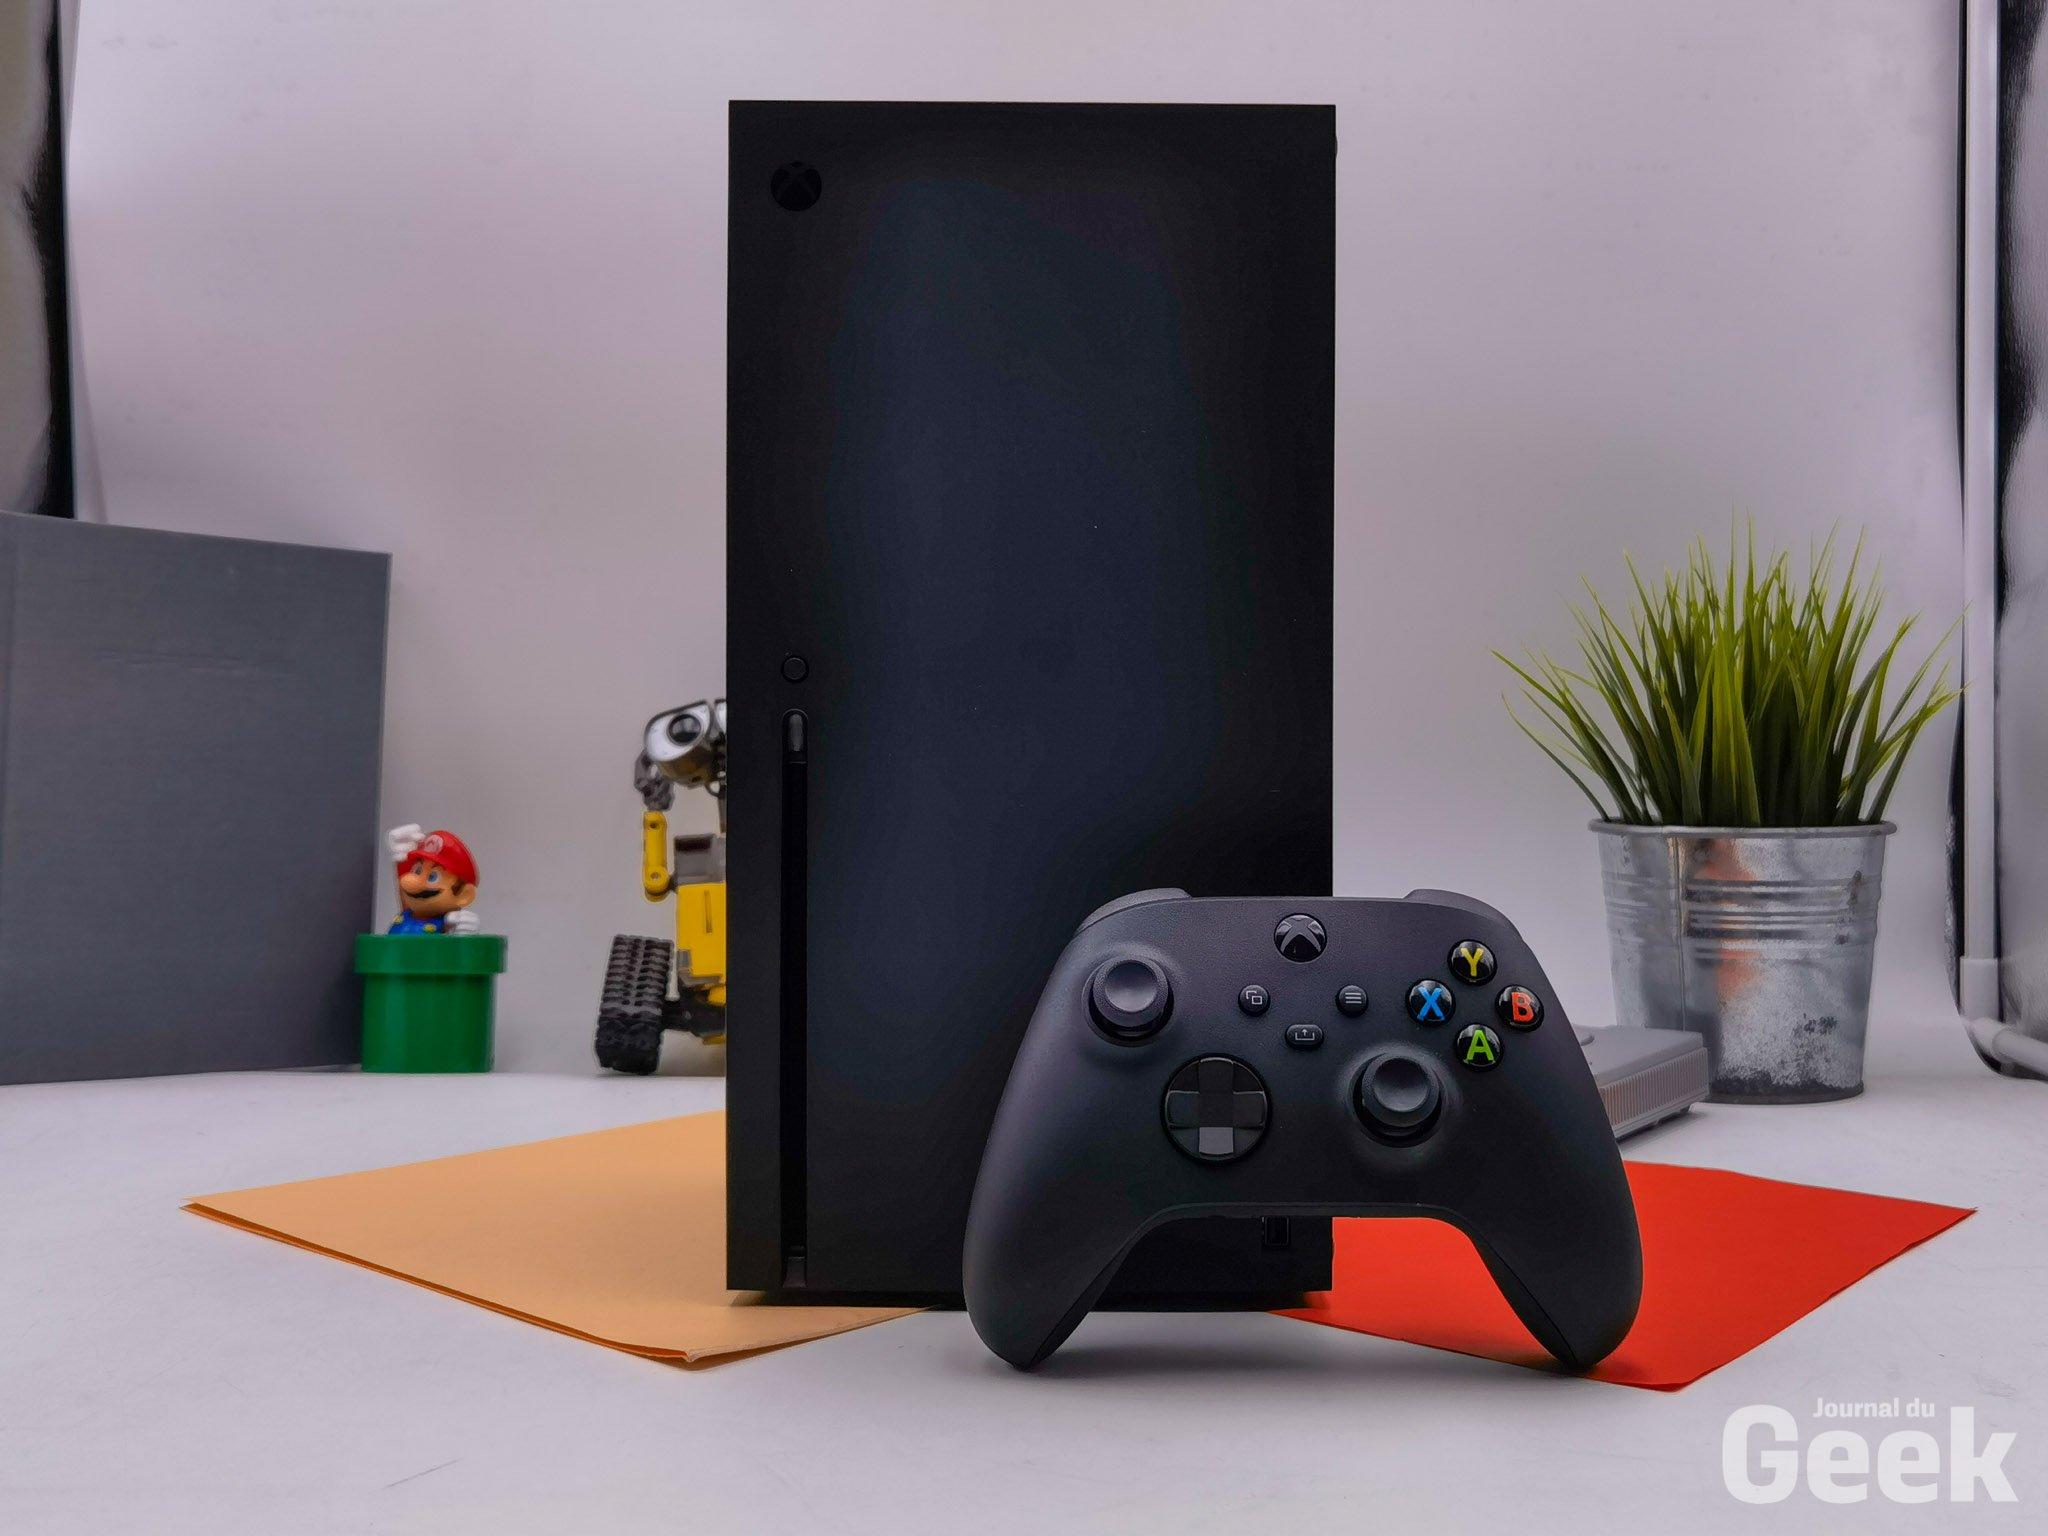 No Man's Sky - No Man's Sky s'annonce sur consoles de nouvelle génération